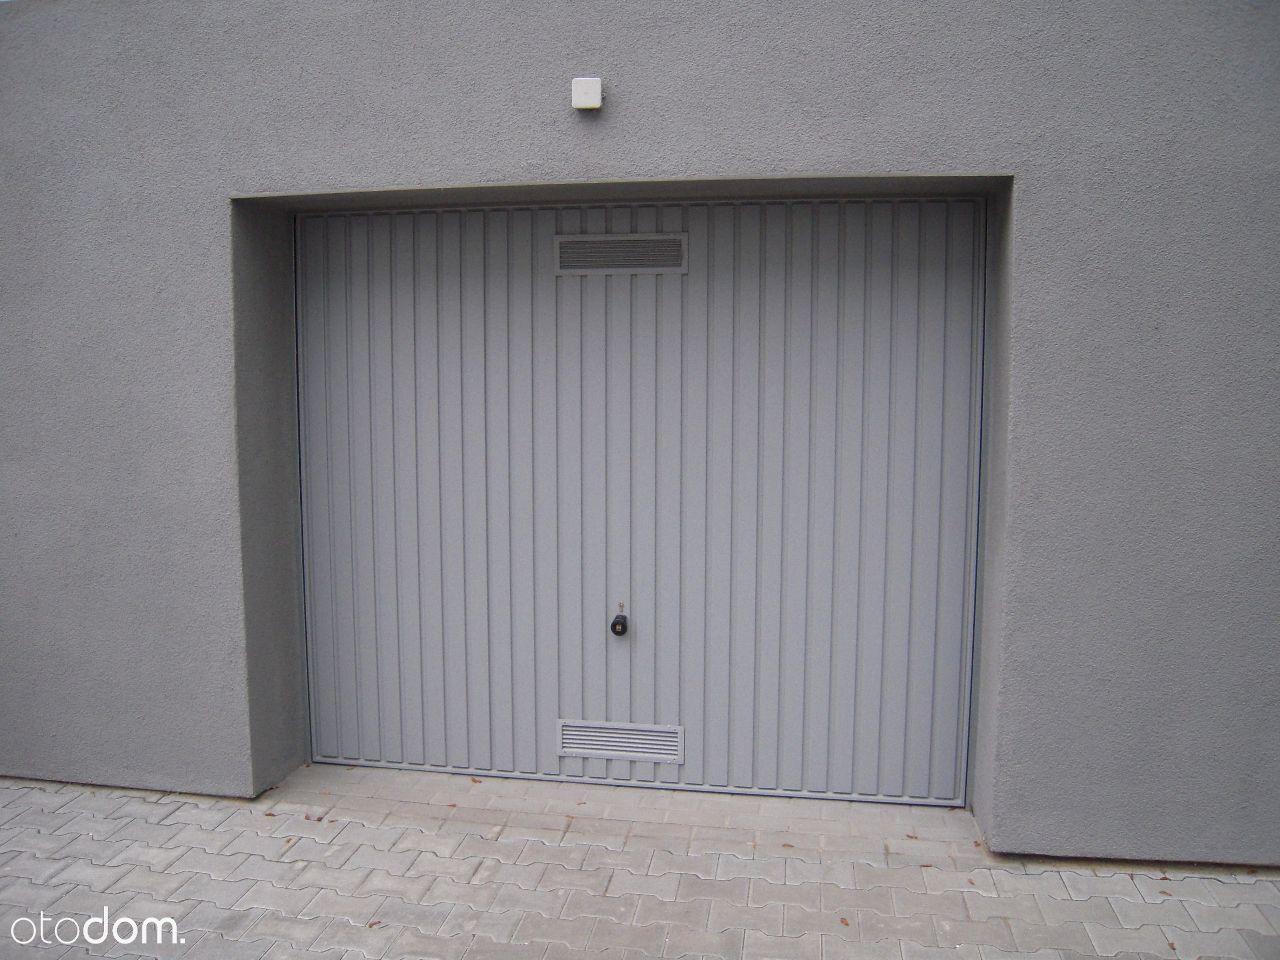 Garaż na wynajem, Gorzów Wielkopolski, Centrum - Foto 1